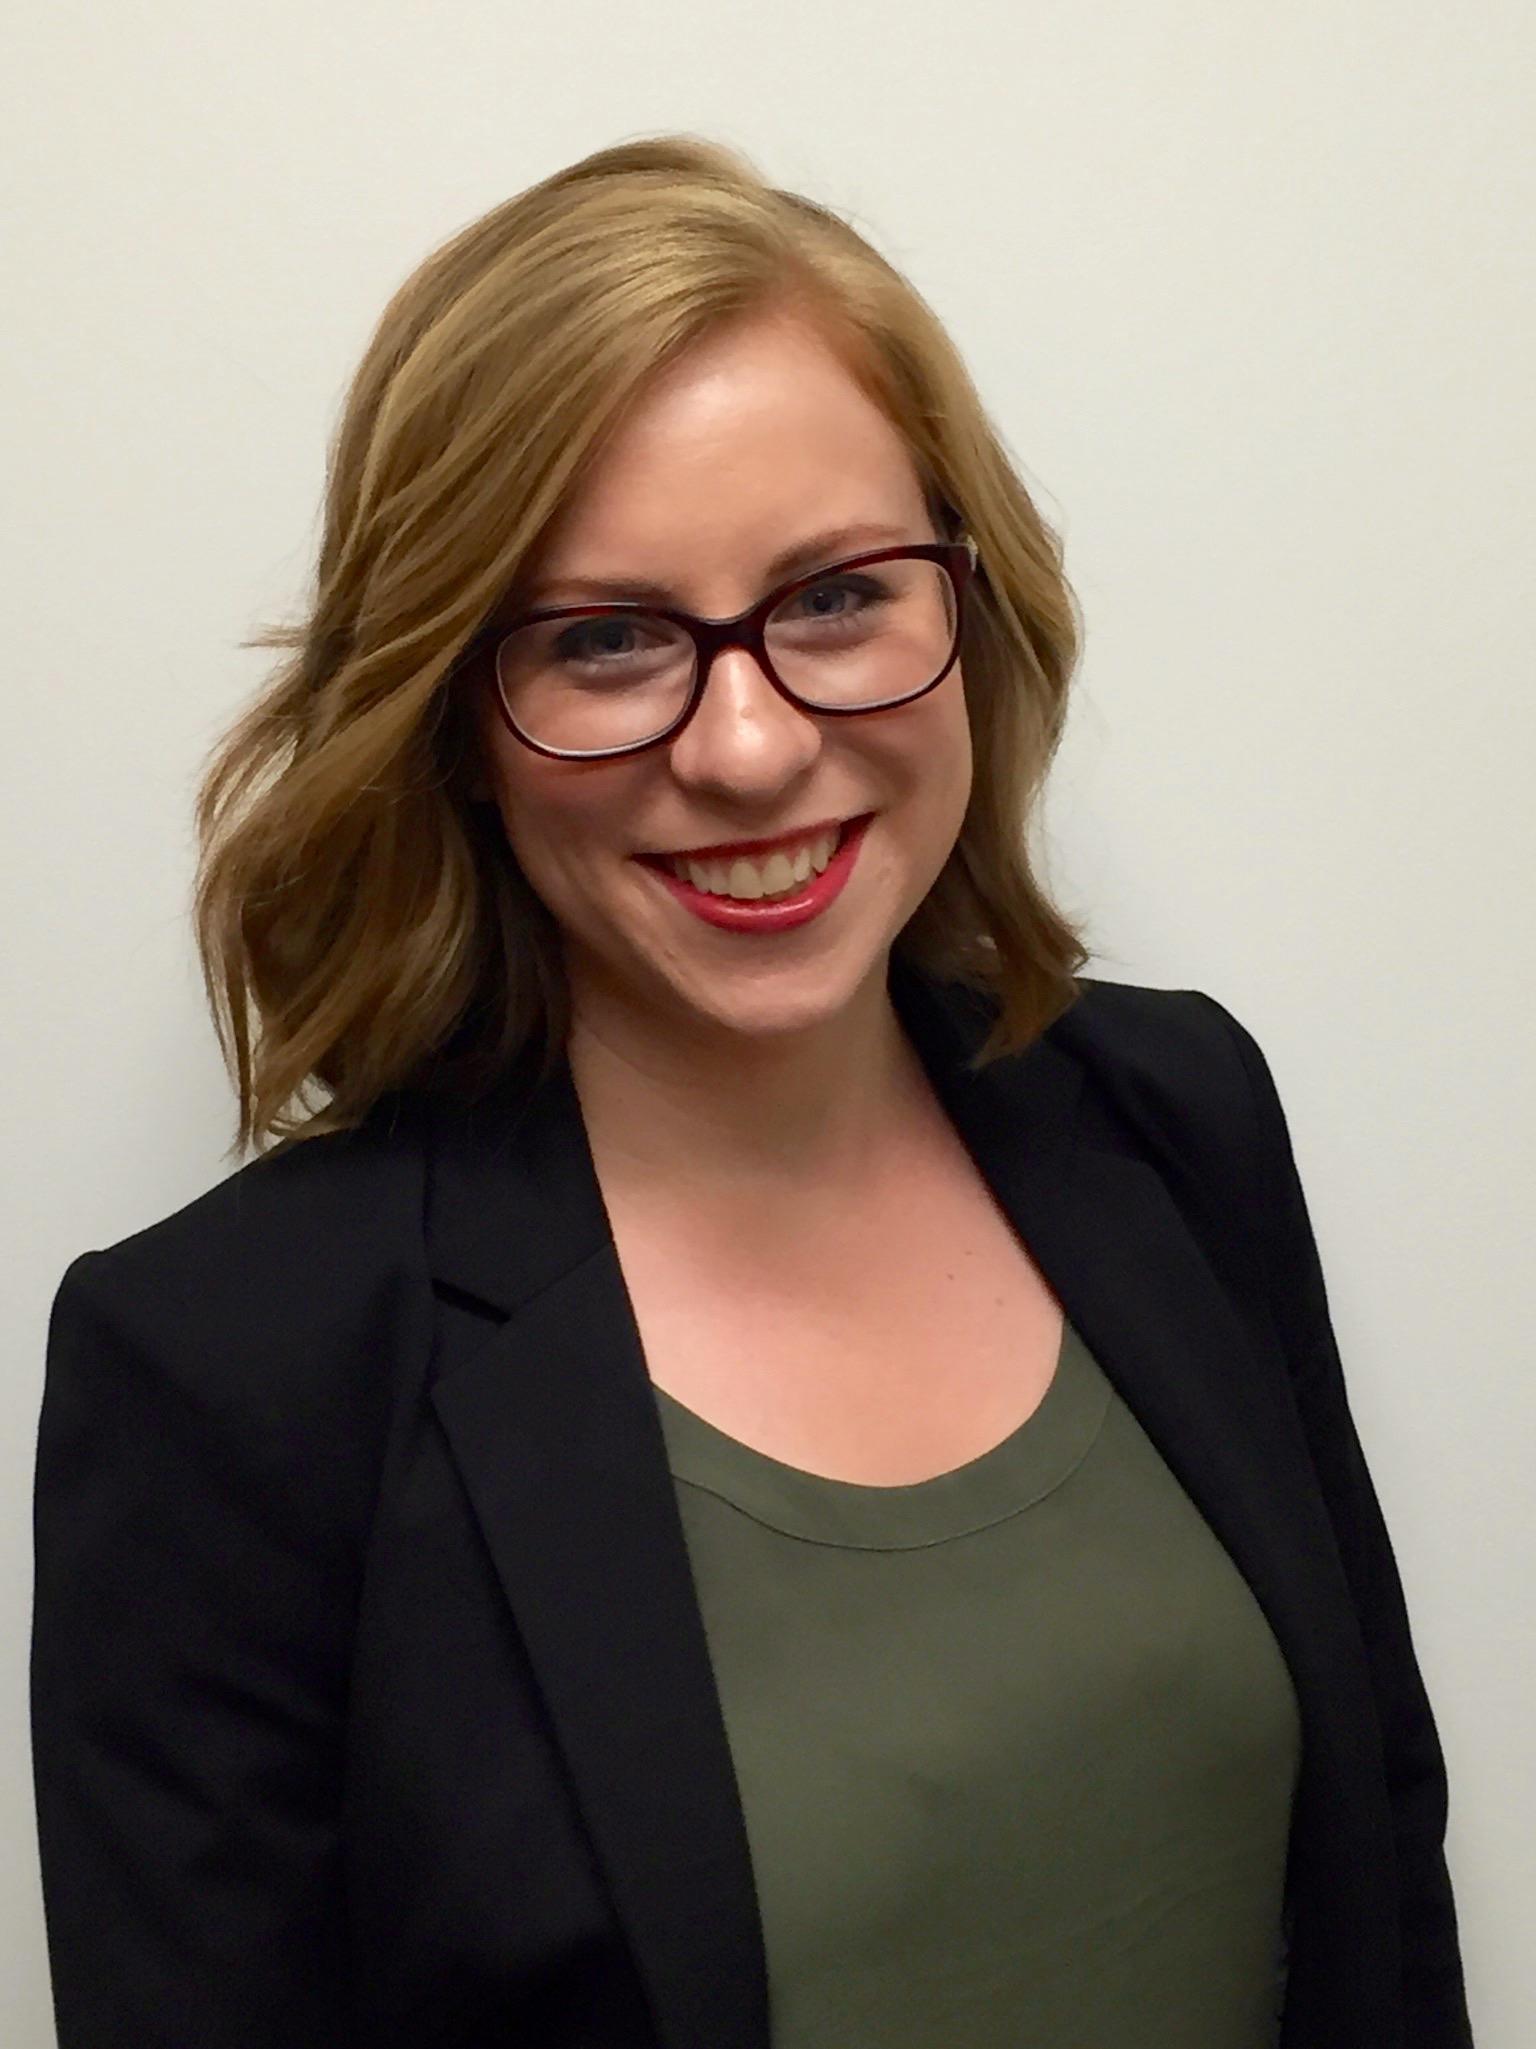 Amanda Danforth